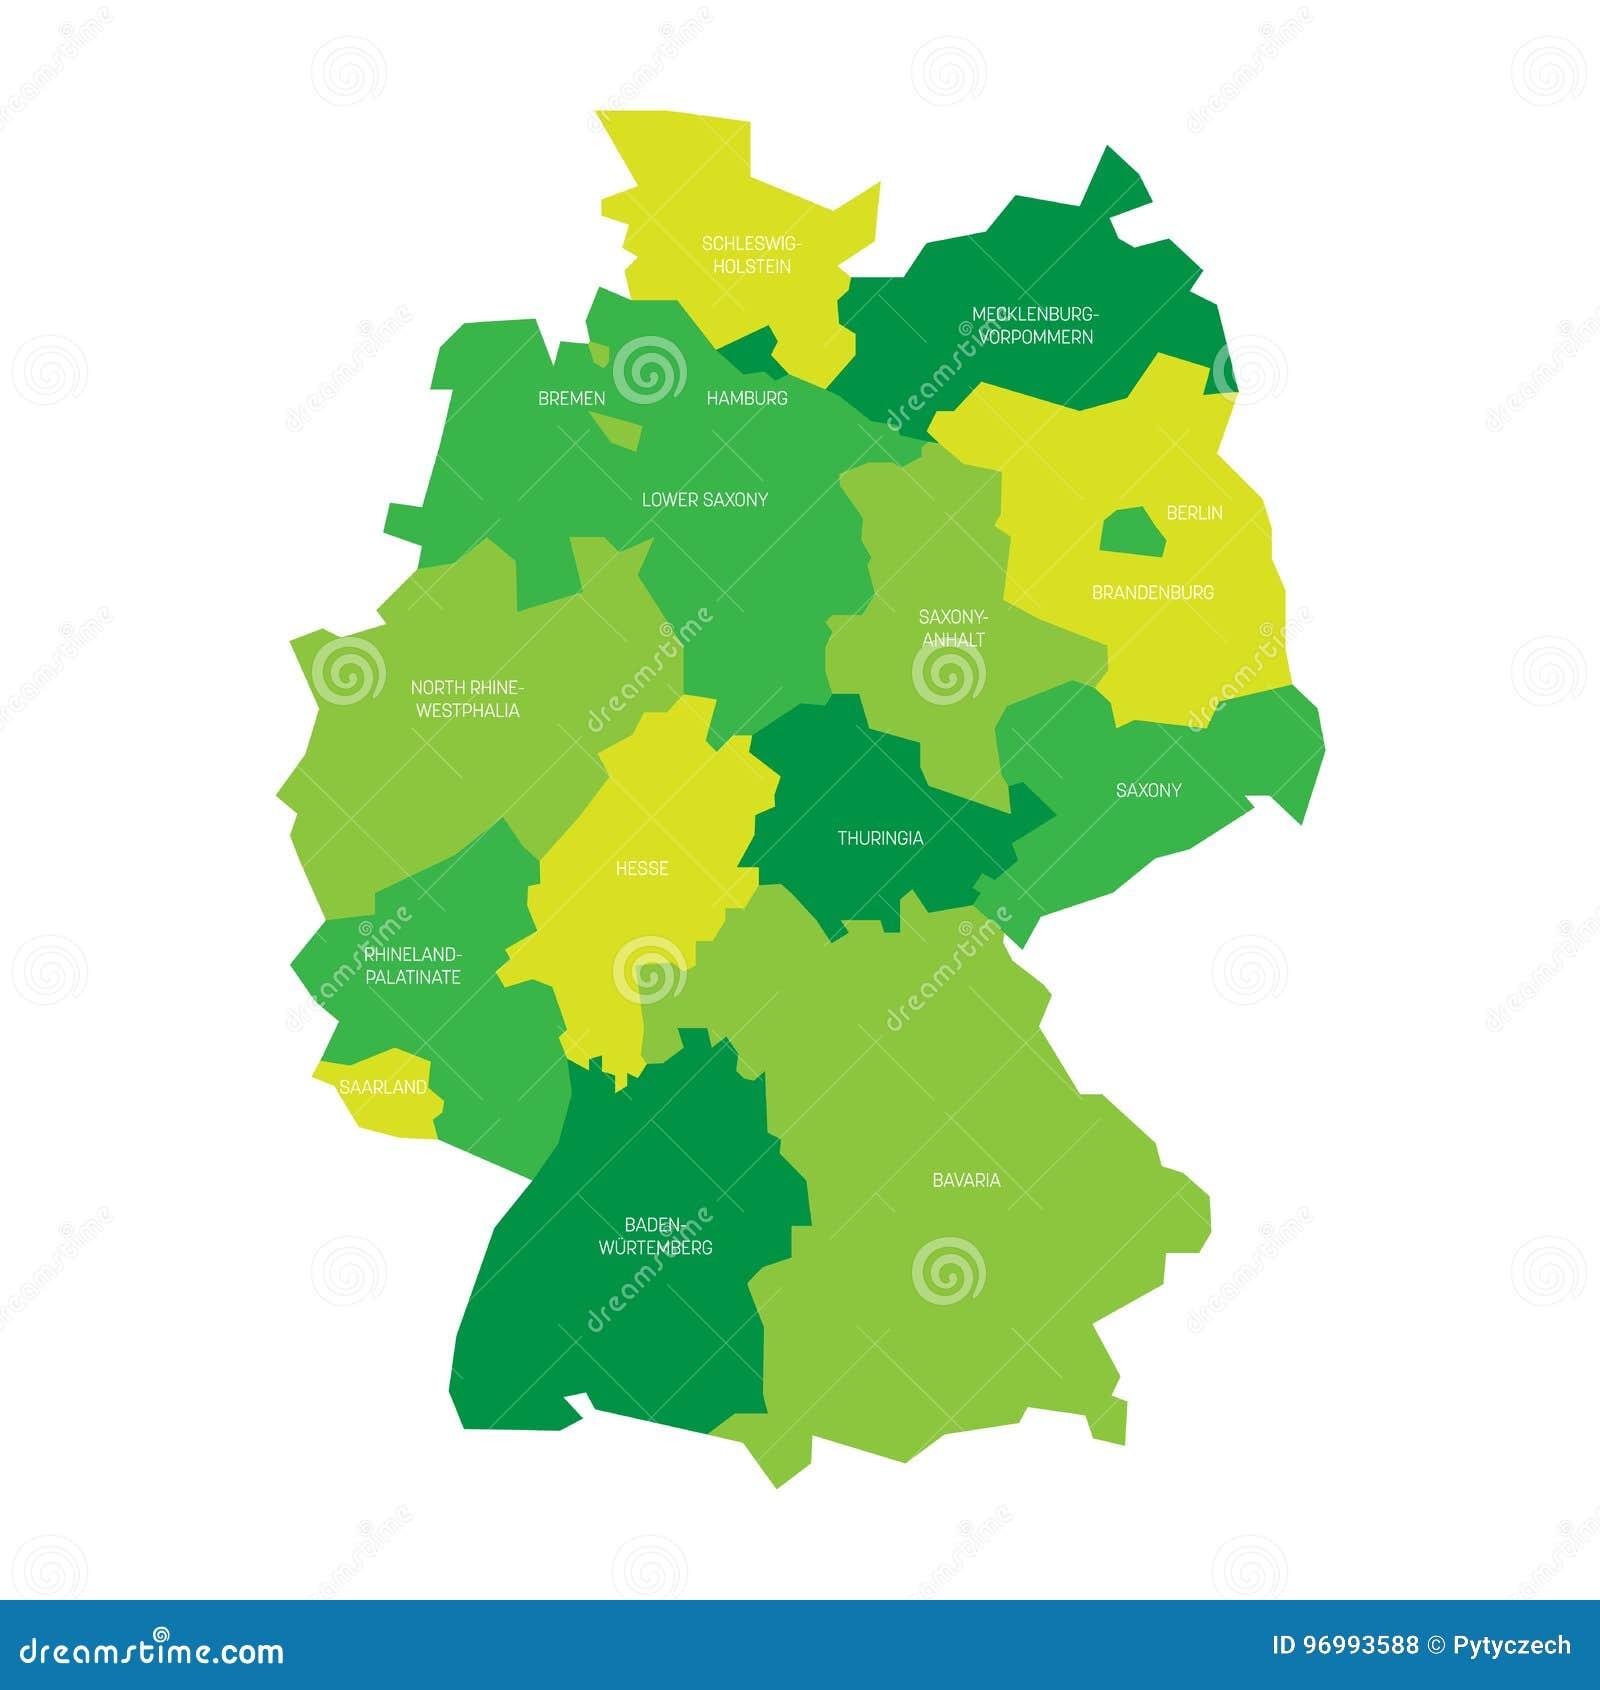 Carte Allemagne Divisee.La Carte De L Allemagne S Est Divisee A 13 Etats Federaux Et